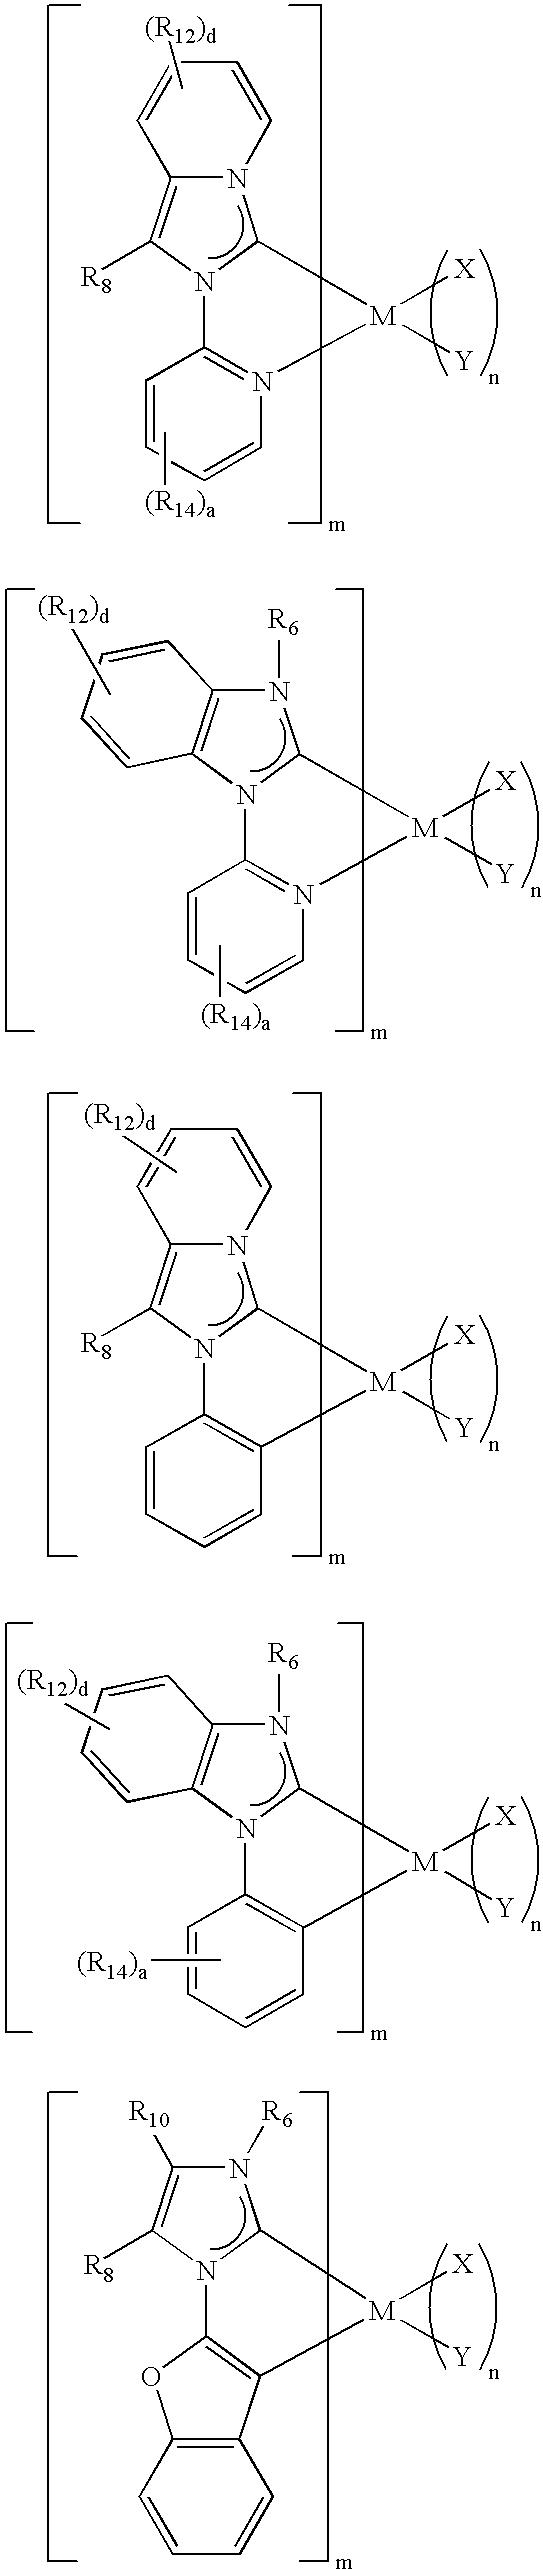 Figure US20050260441A1-20051124-C00093